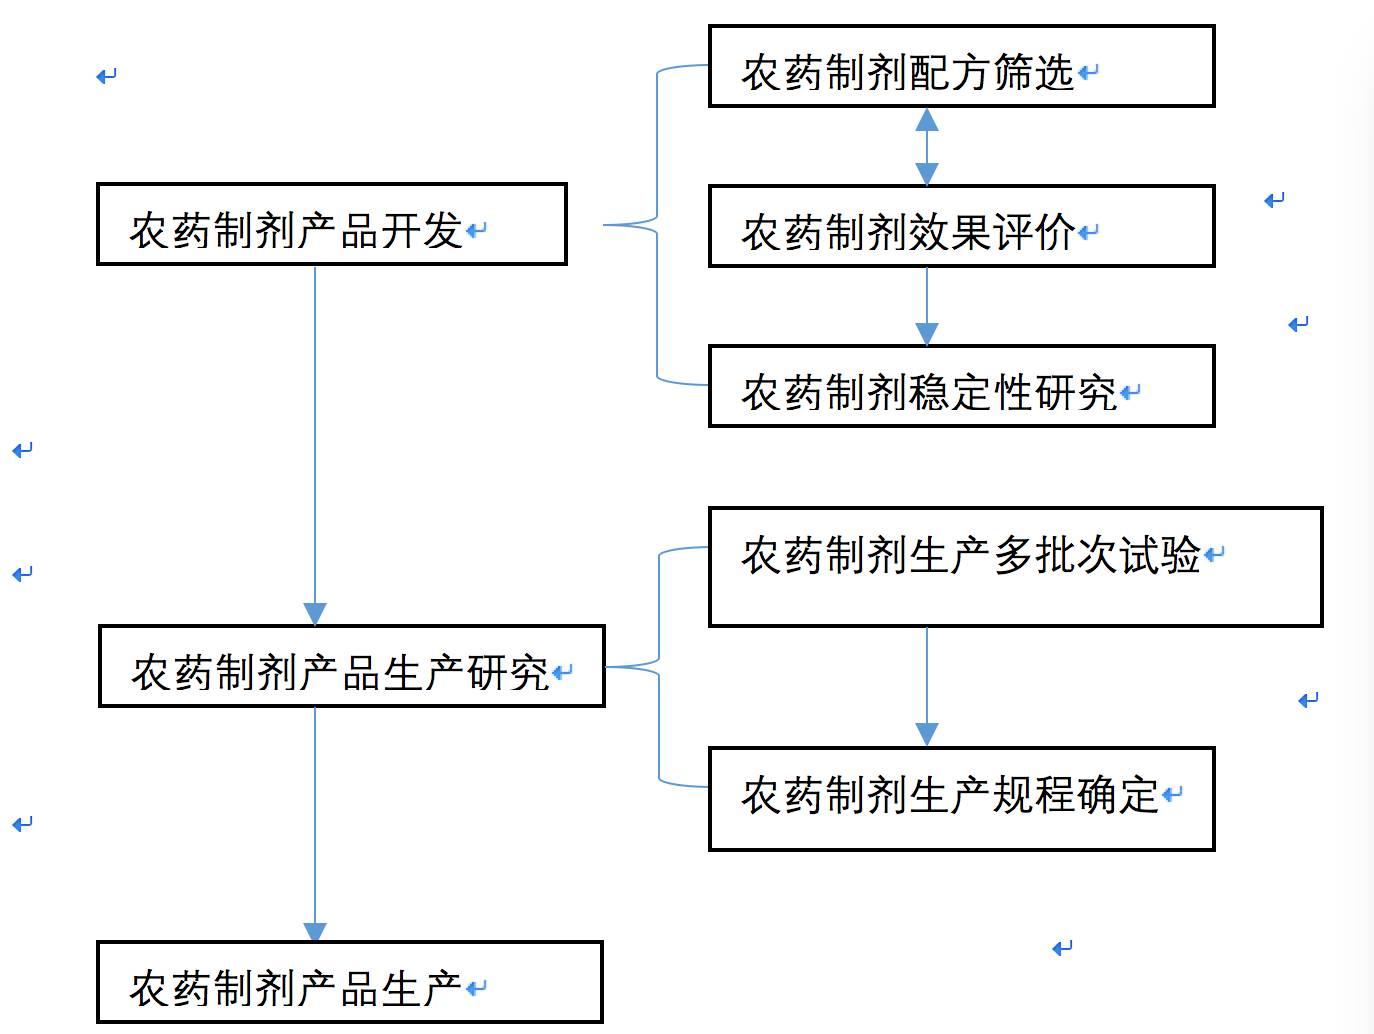 农药制剂产品开发流程图.png